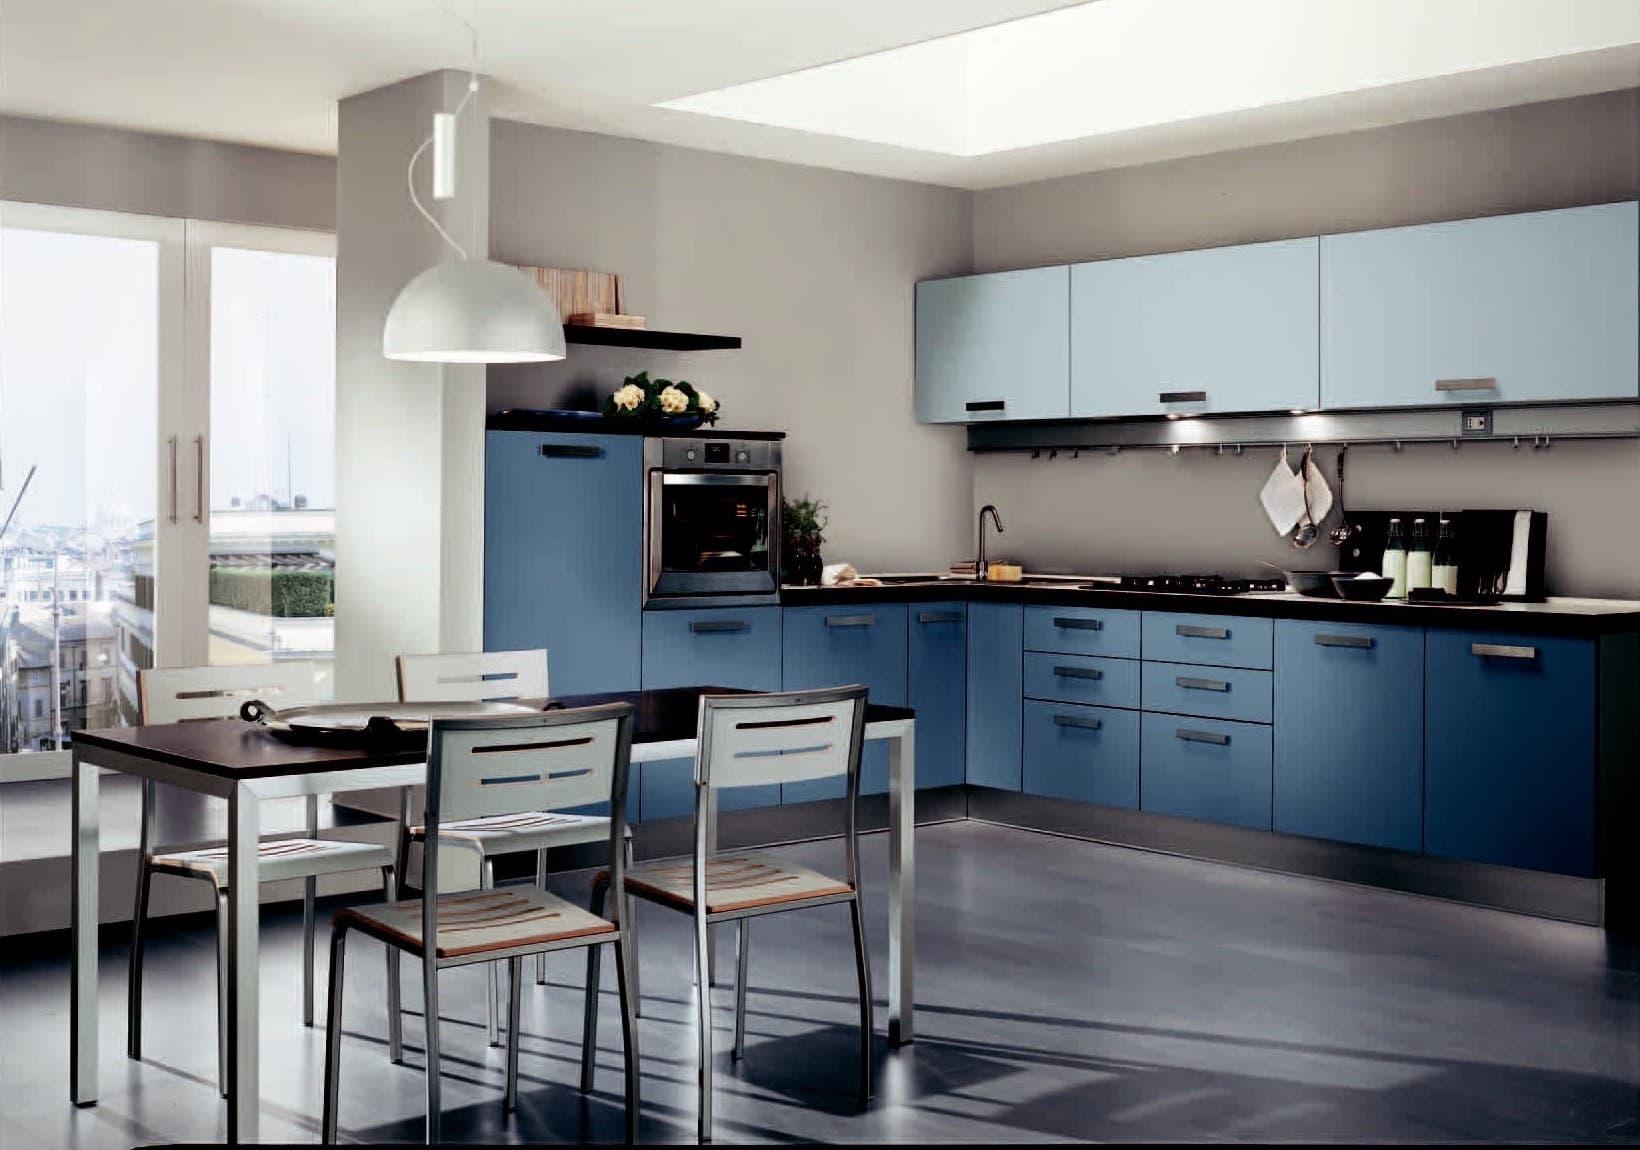 Un intérieur de cuisine luxueusement spacieux et vieilli dans des tons gris-bleu-bleu